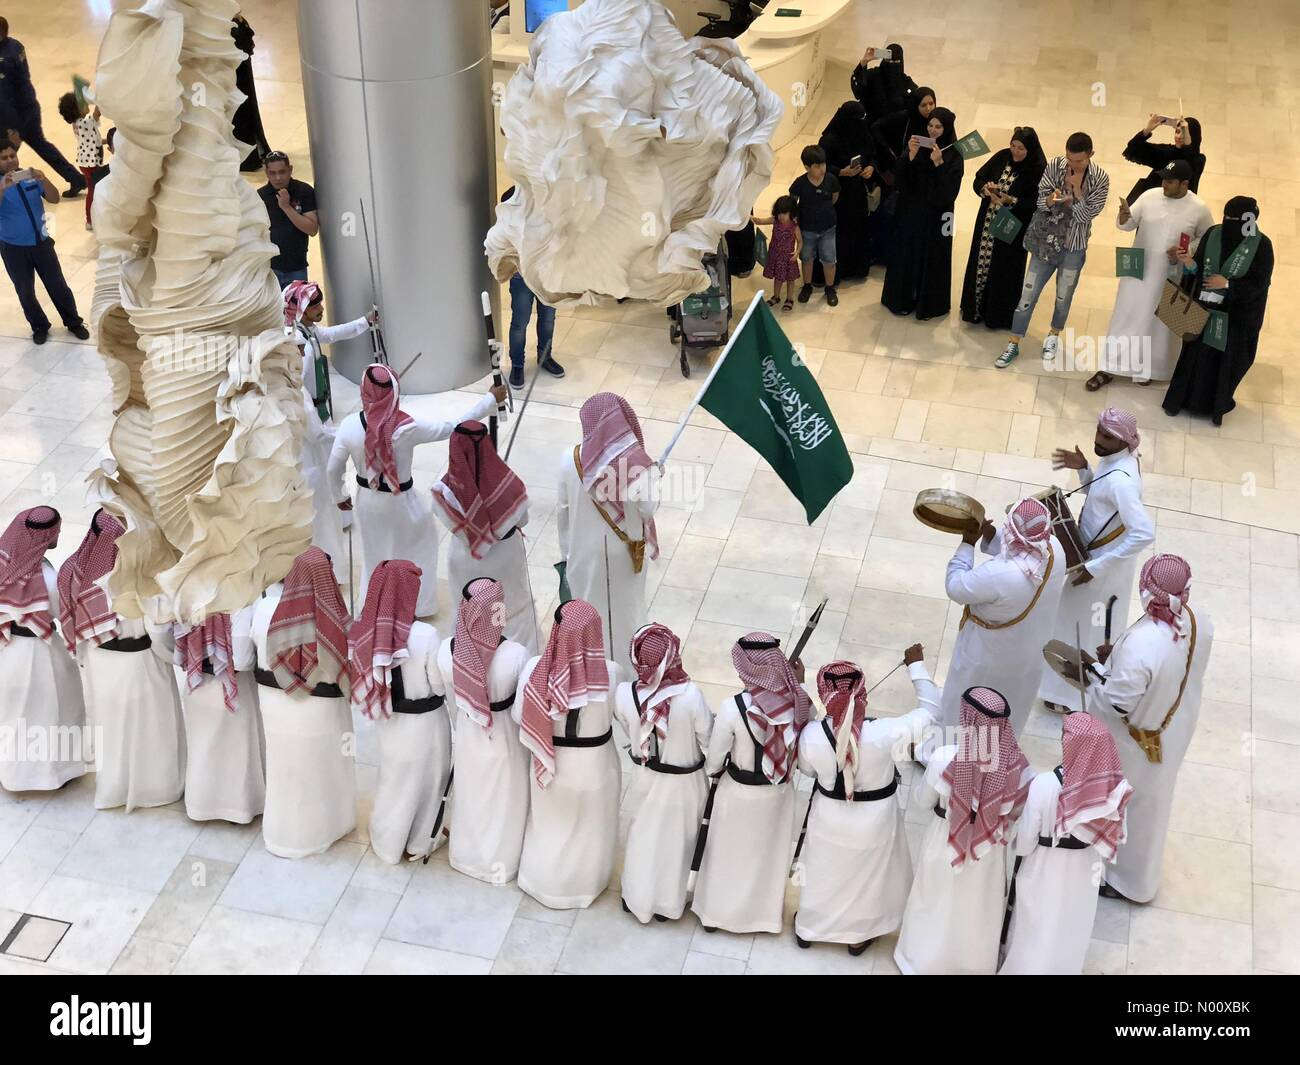 Yas Mall Abu Dhabi, UAE. 23 September, 2018: Saudi national day celebrations held as Traditional Dancers performers in sync - Yas Mall Abu Dhabi, UAE Credit: Mava Fahd/StockimoNews/Alamy Live News - Stock Image